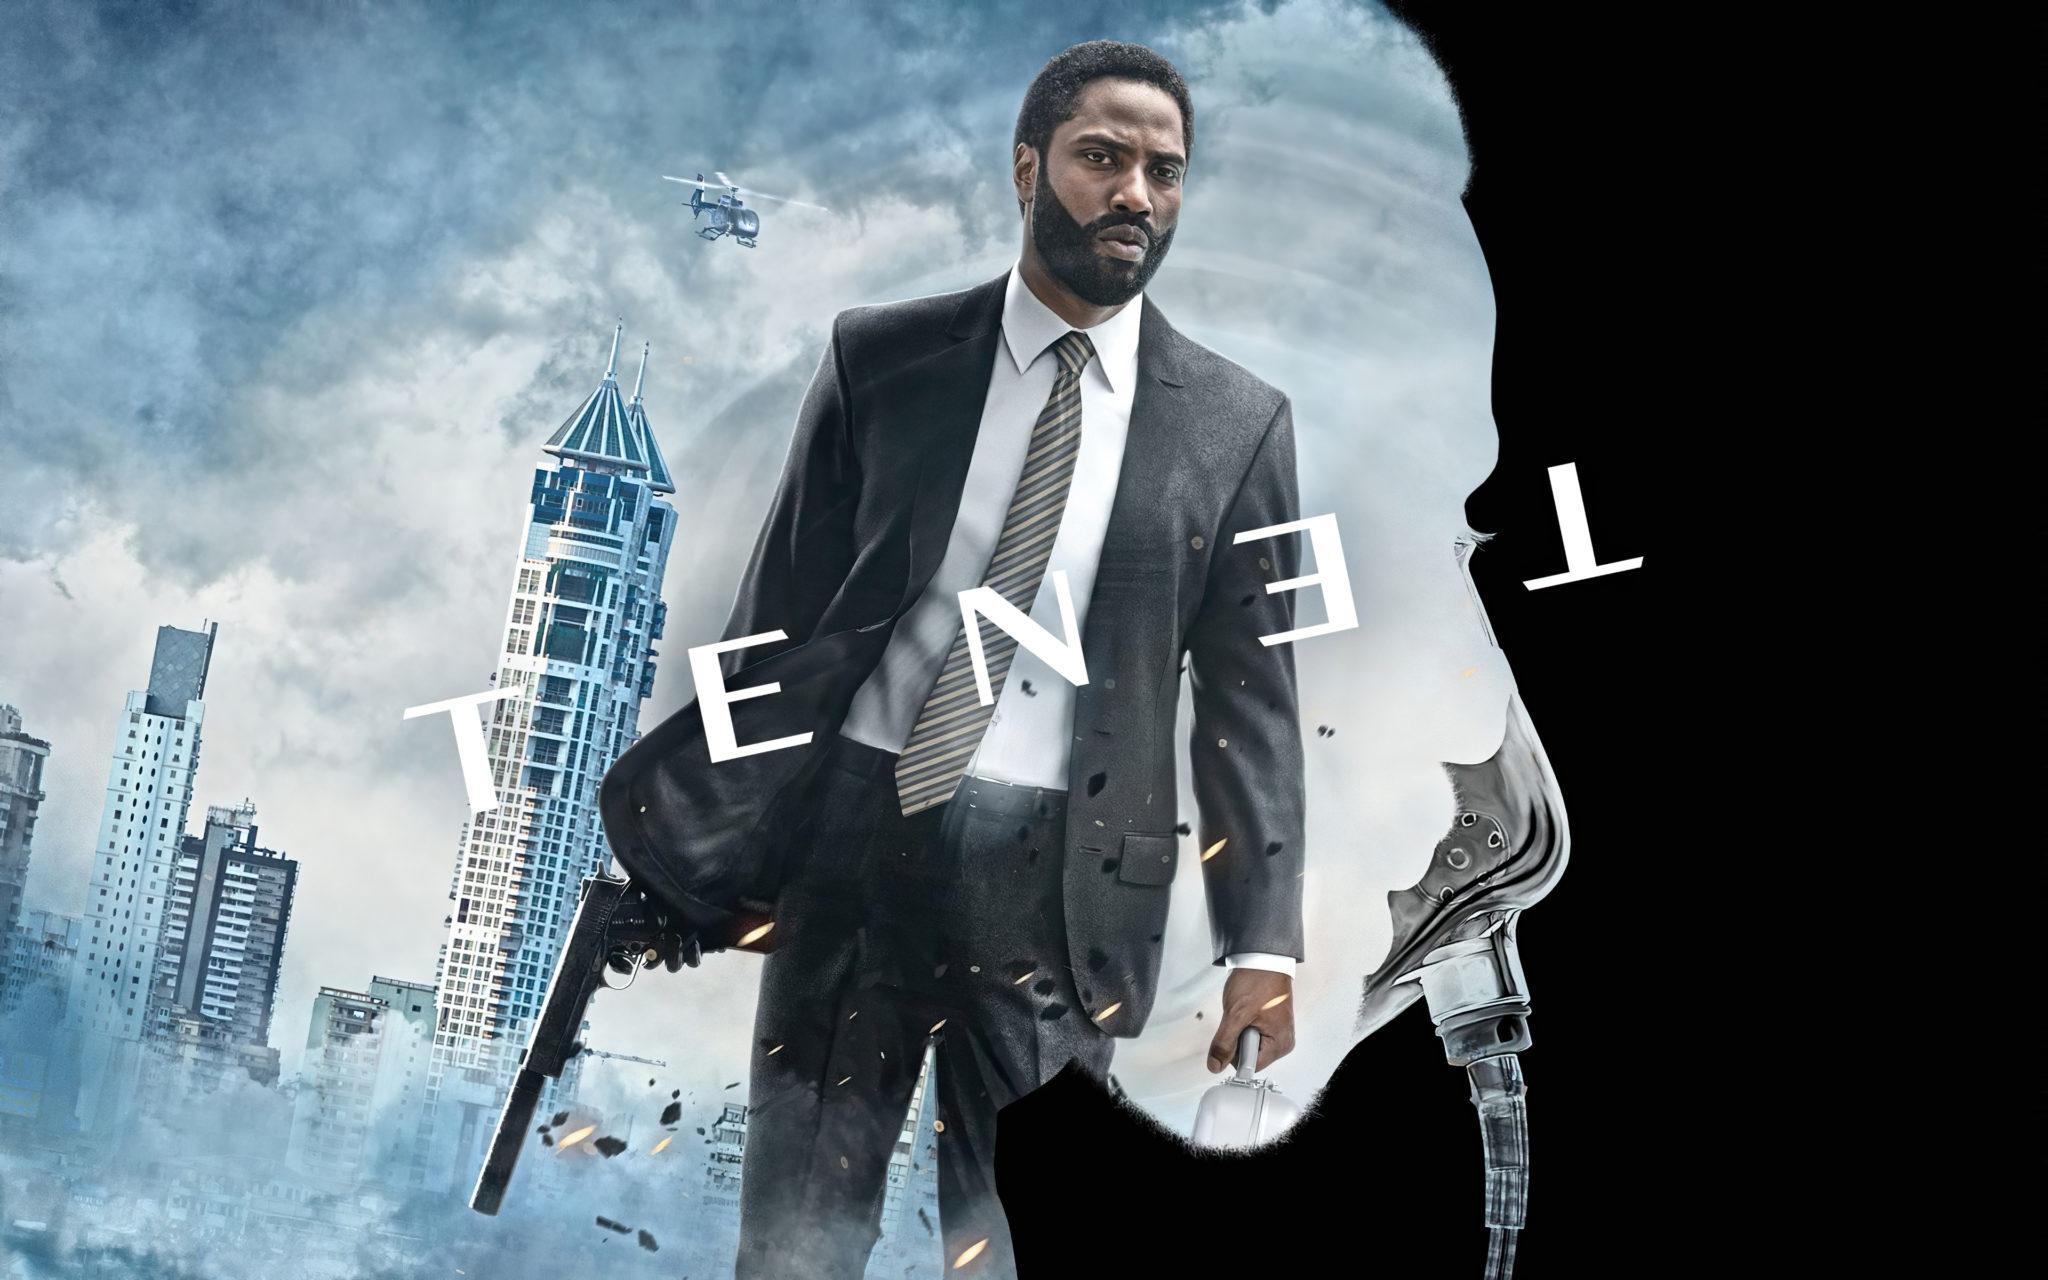 El thriller de espionaje Tenet alcanza los 150 mdd en box office global